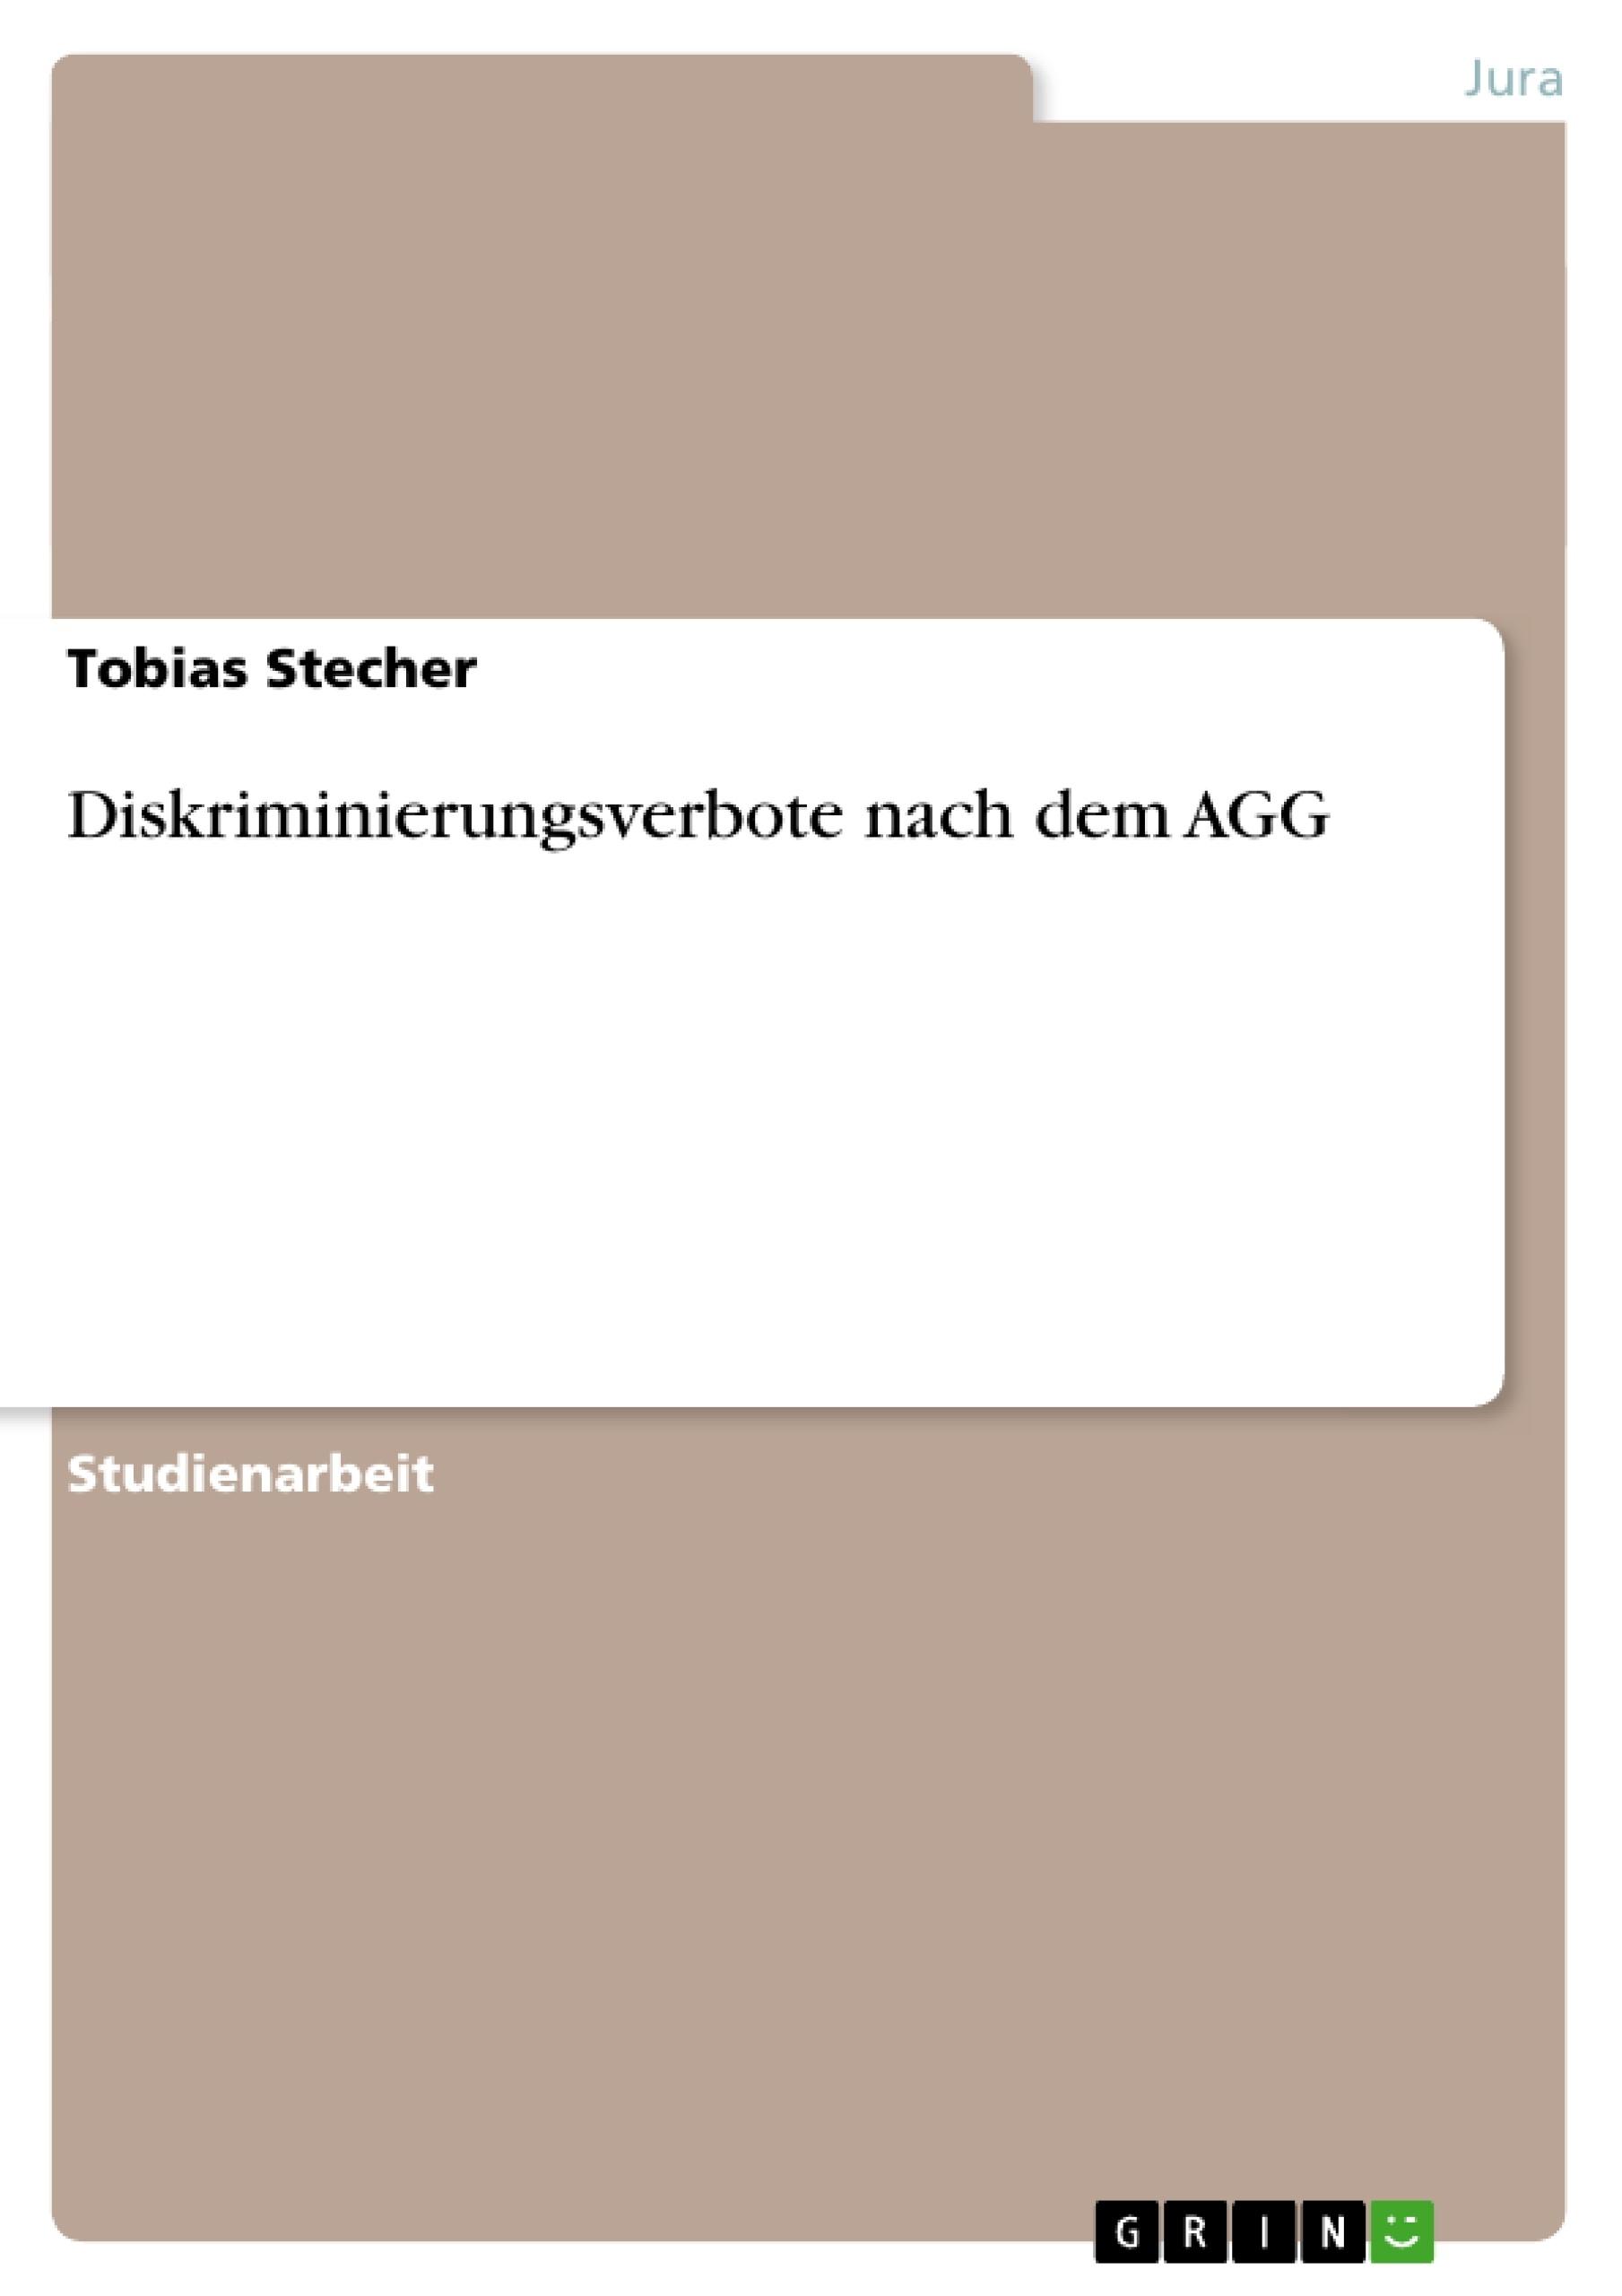 Titel: Diskriminierungsverbote nach dem AGG